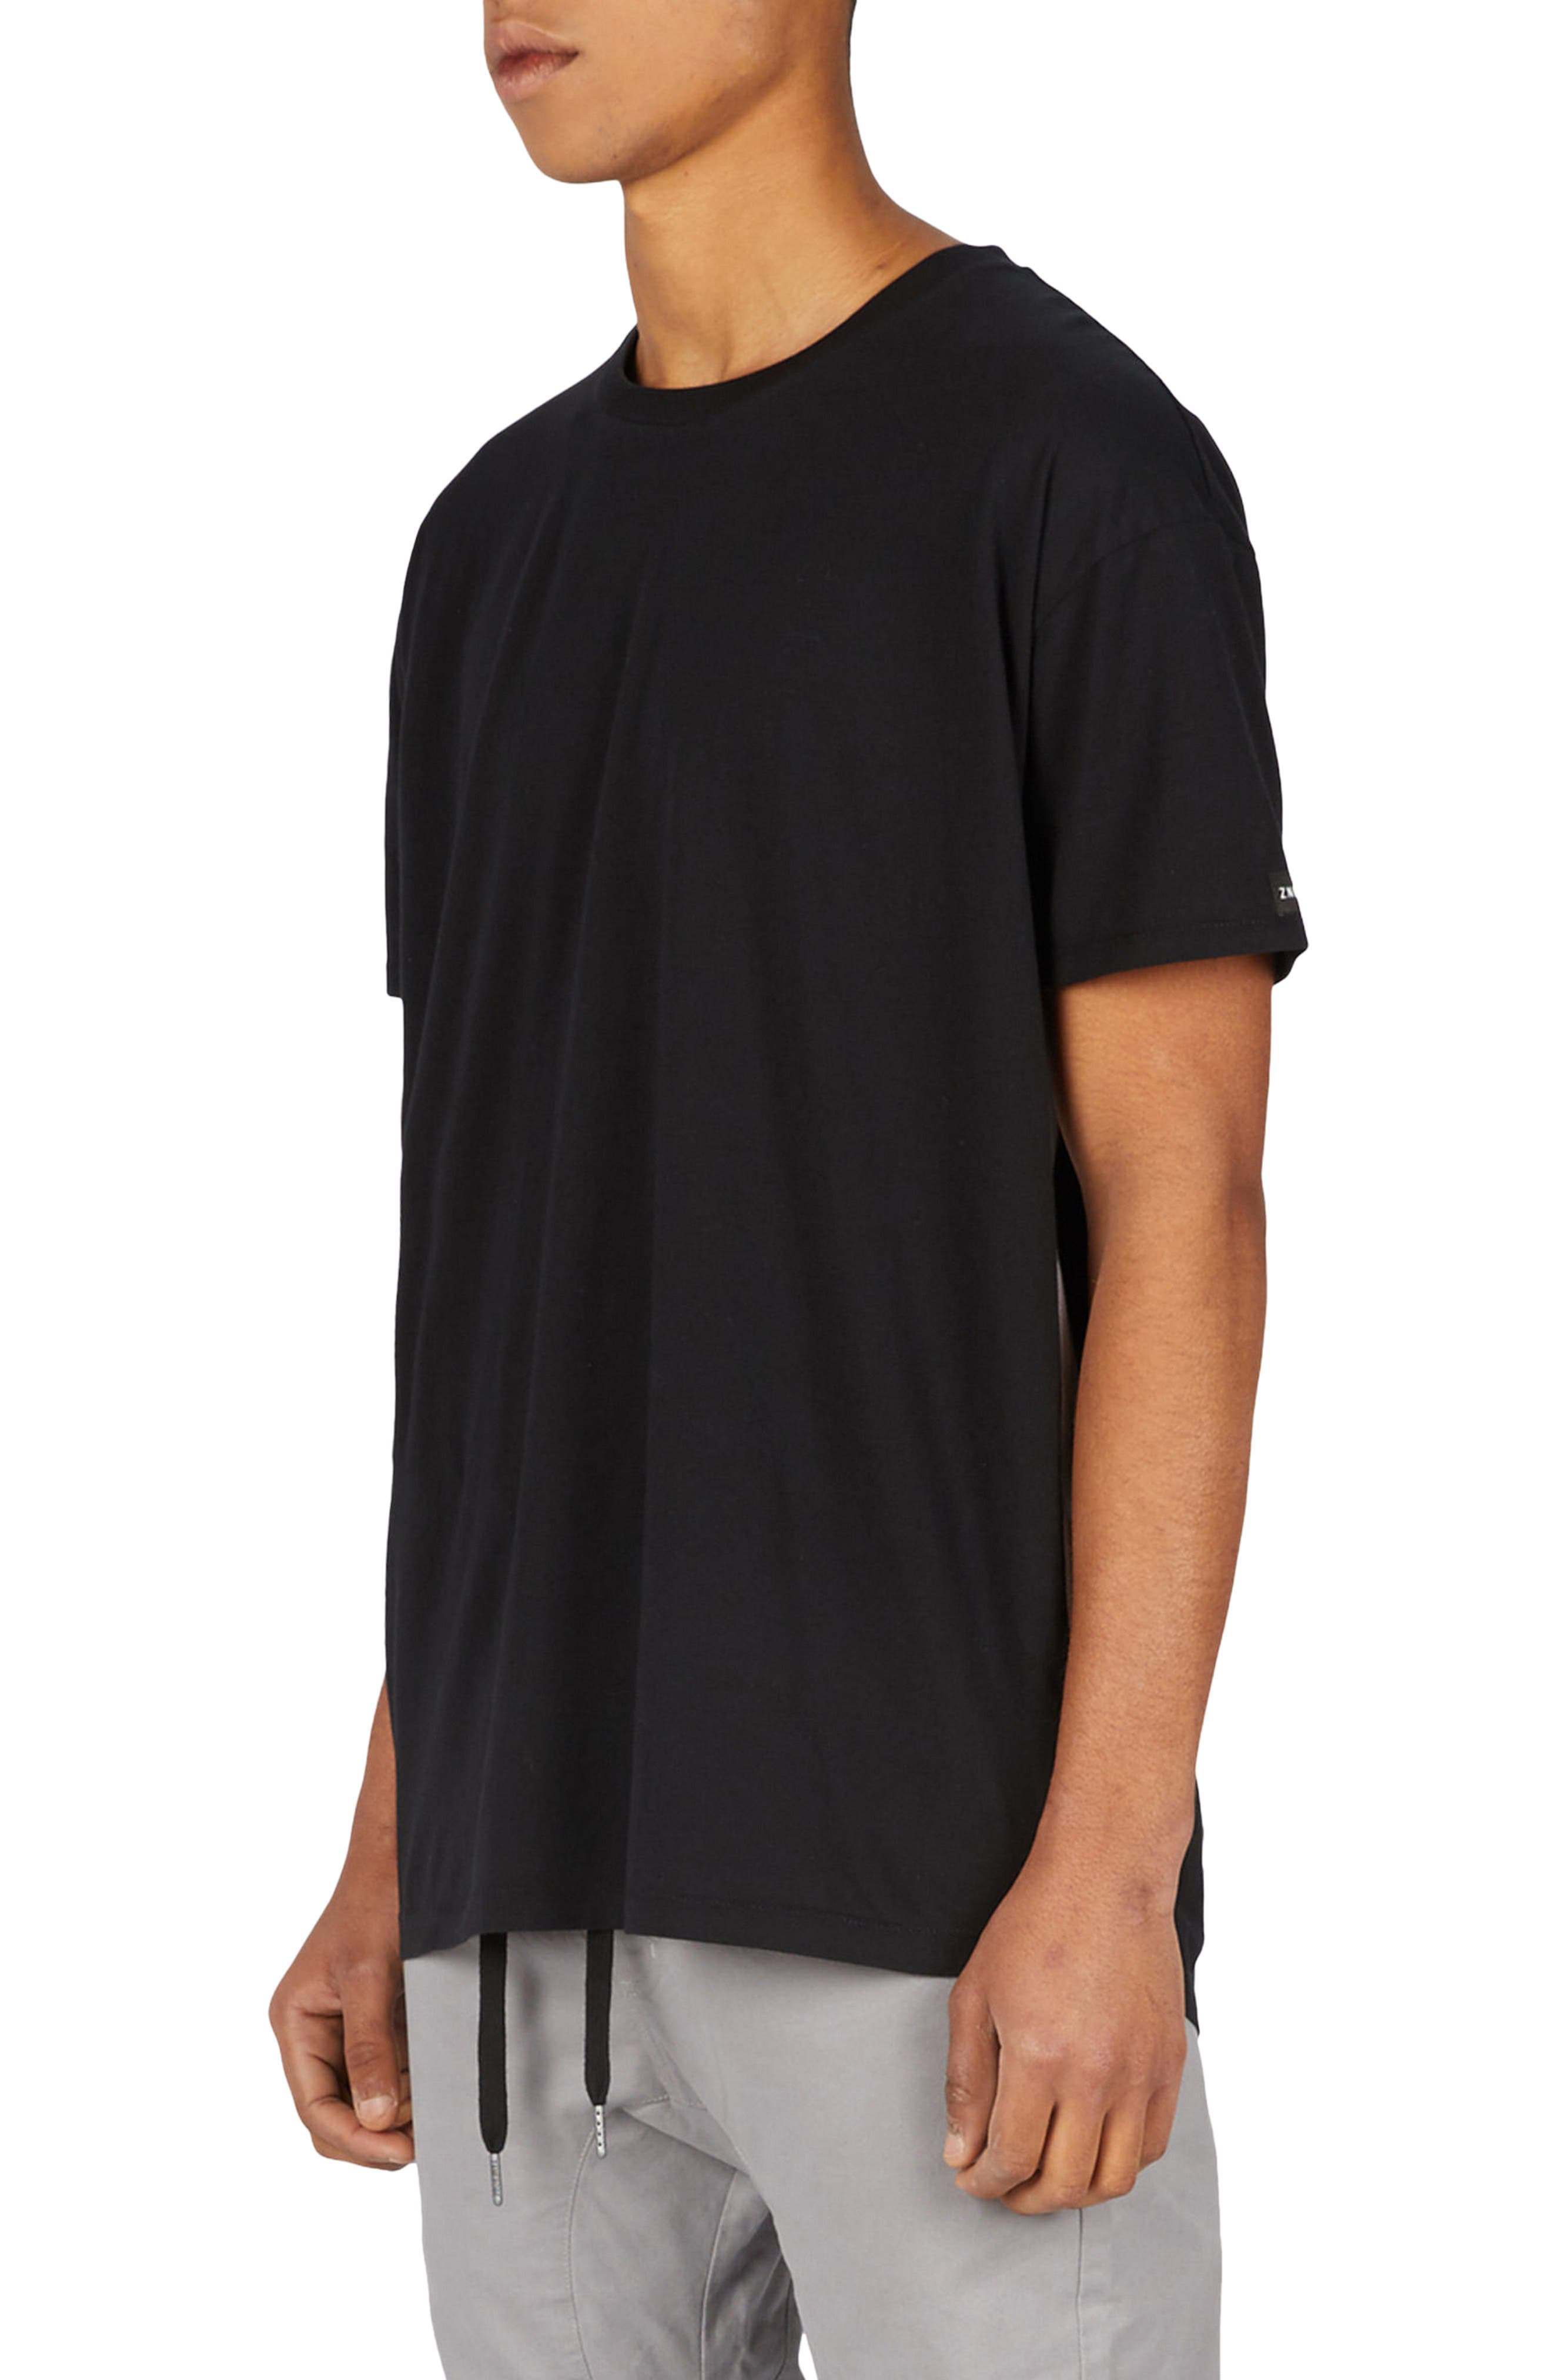 Sideline Rugger T-Shirt,                         Main,                         color, Black